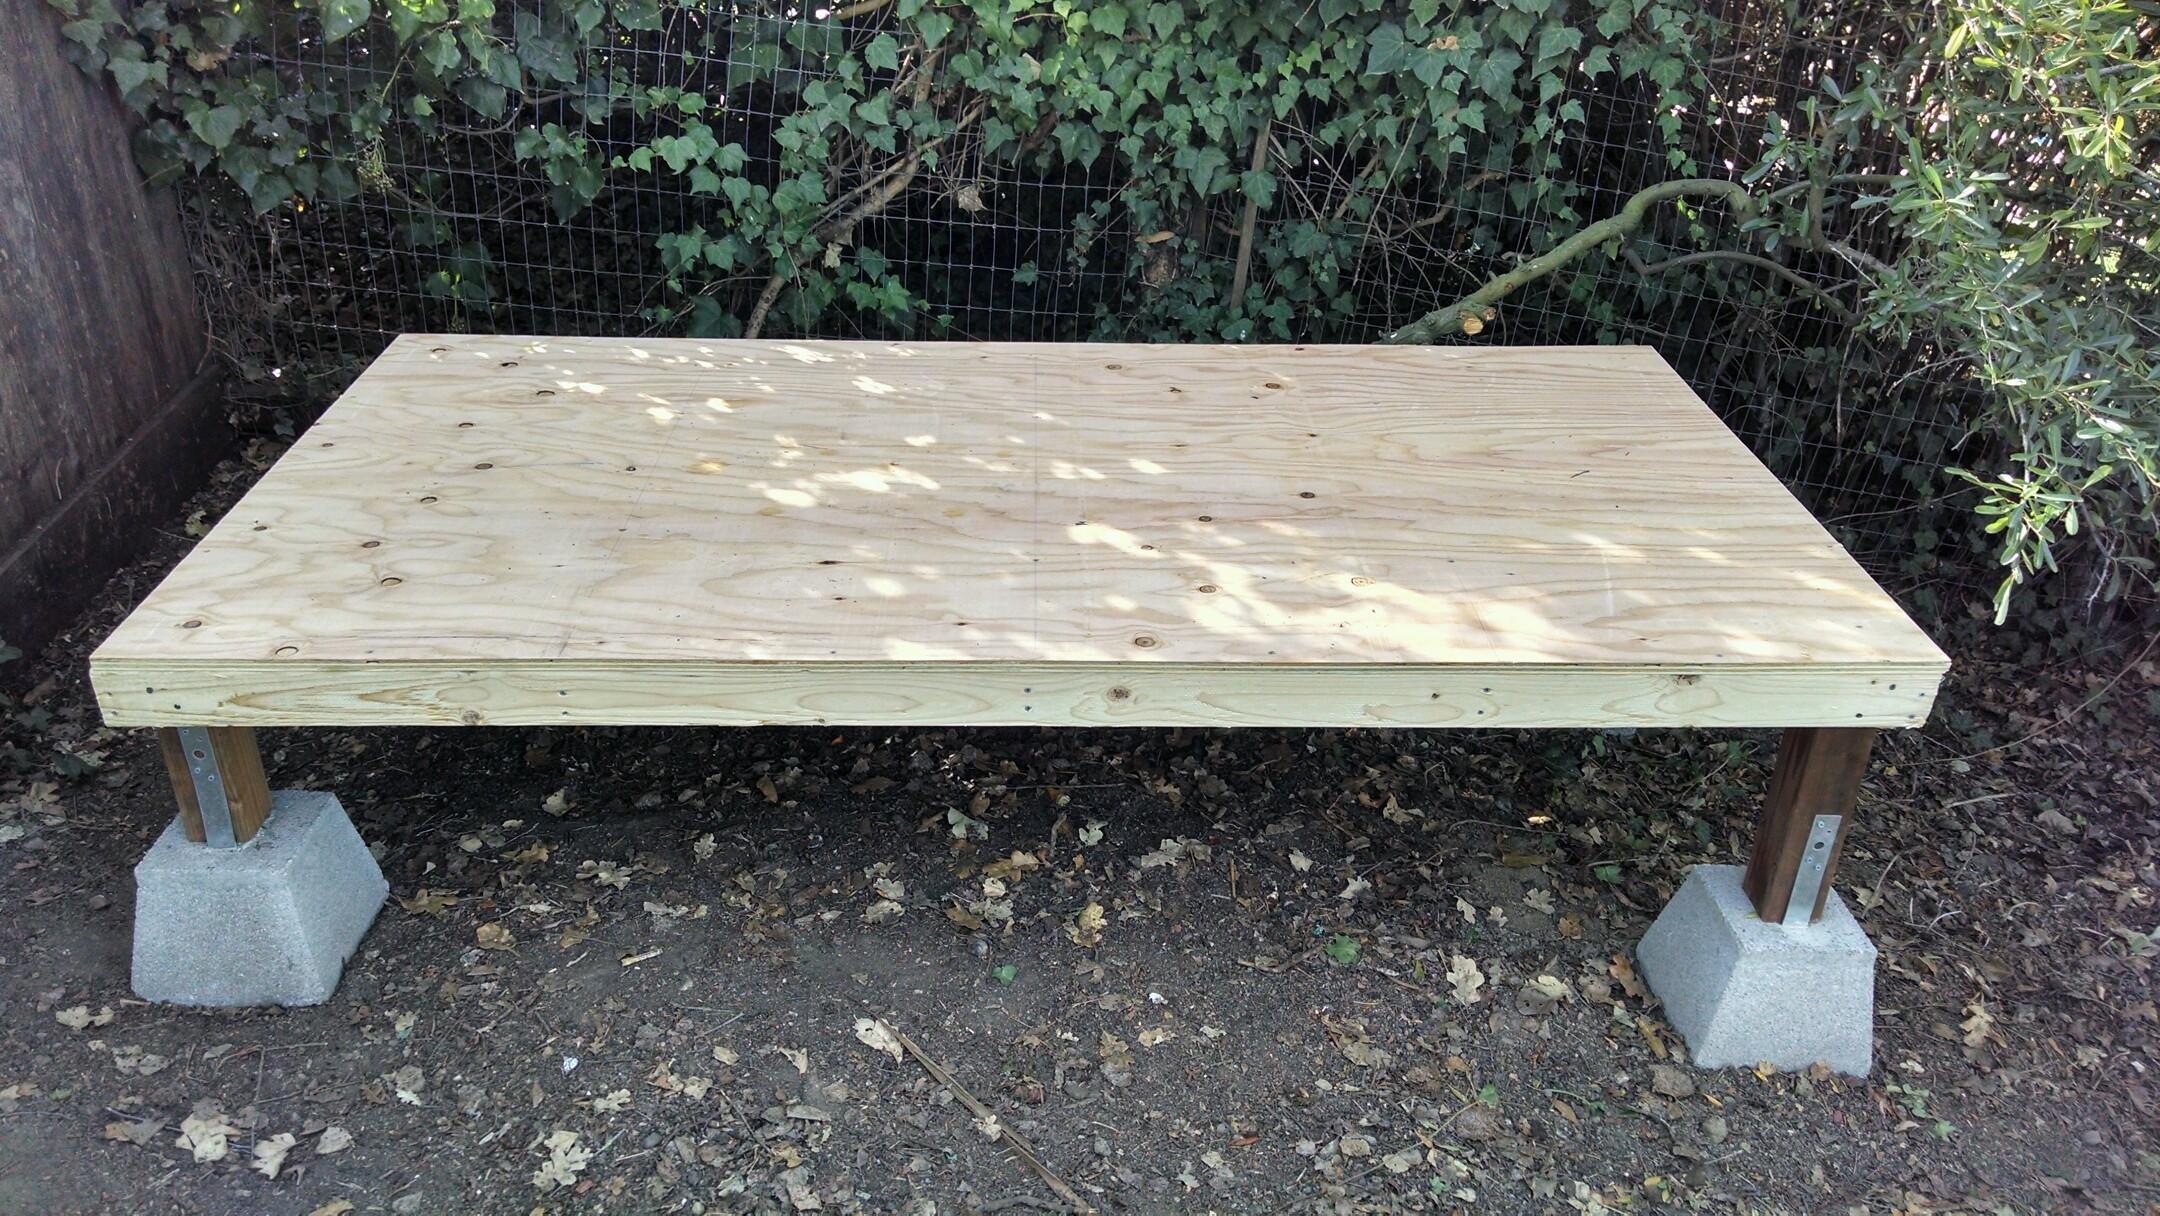 Co Op Garden Furniture Chicken coop lars andersen woodworking foundation and floor workwithnaturefo